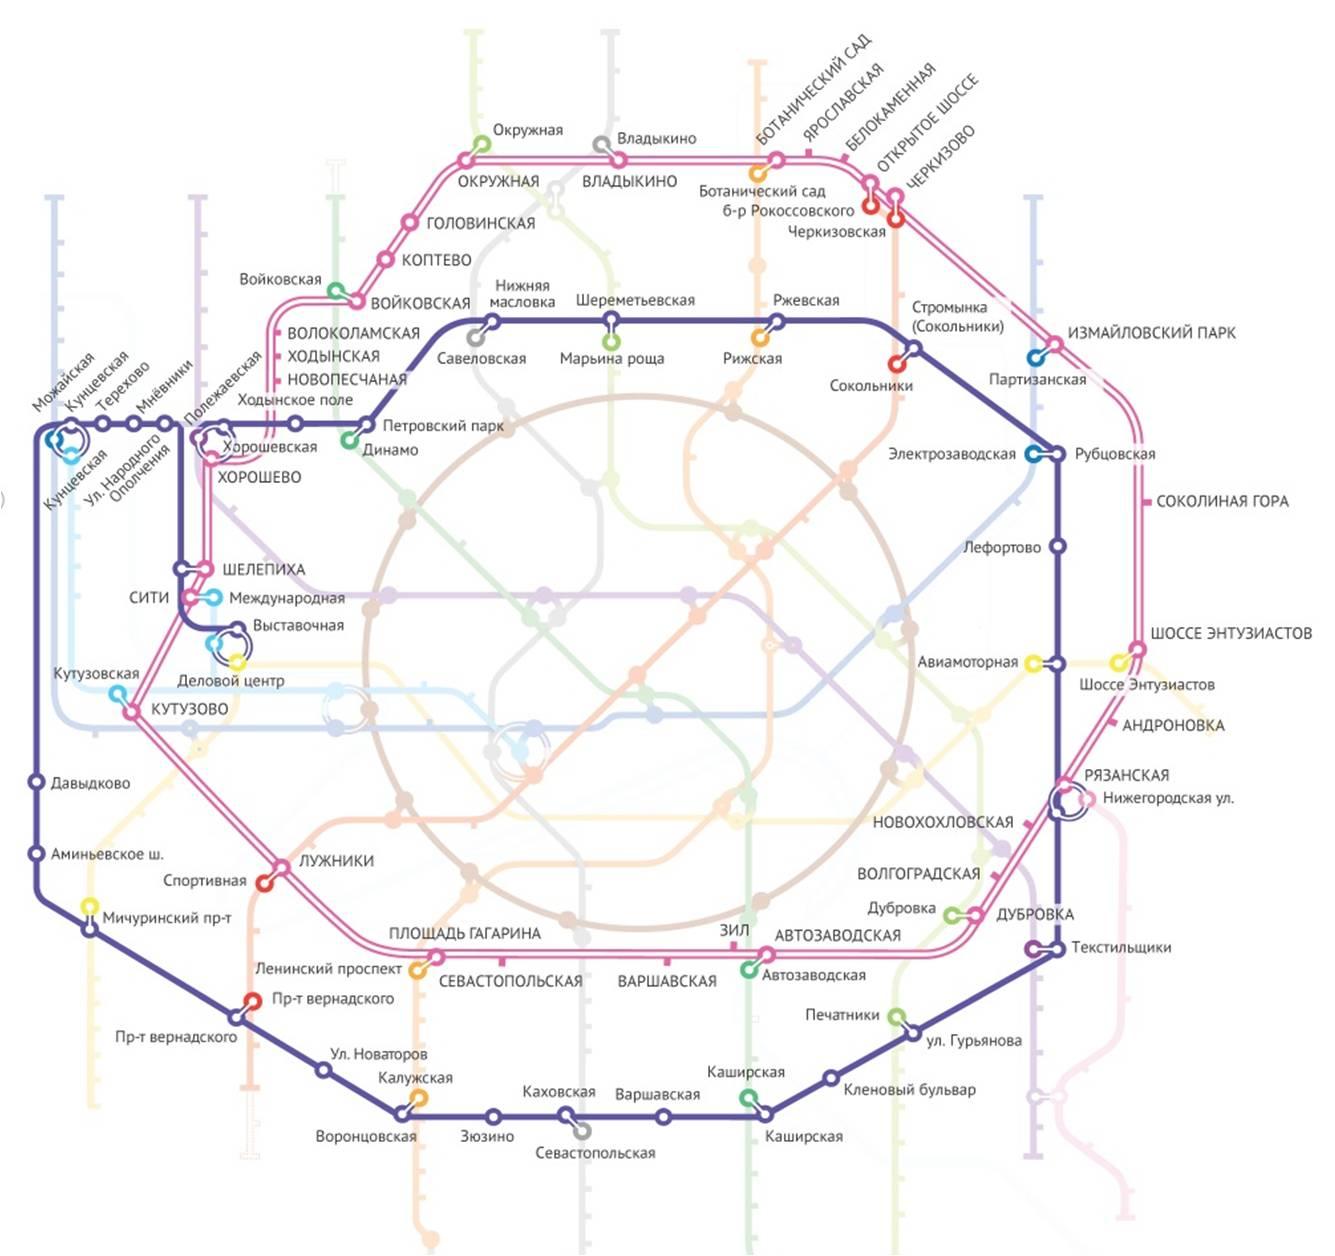 Схема четвертое транспортное кольца.